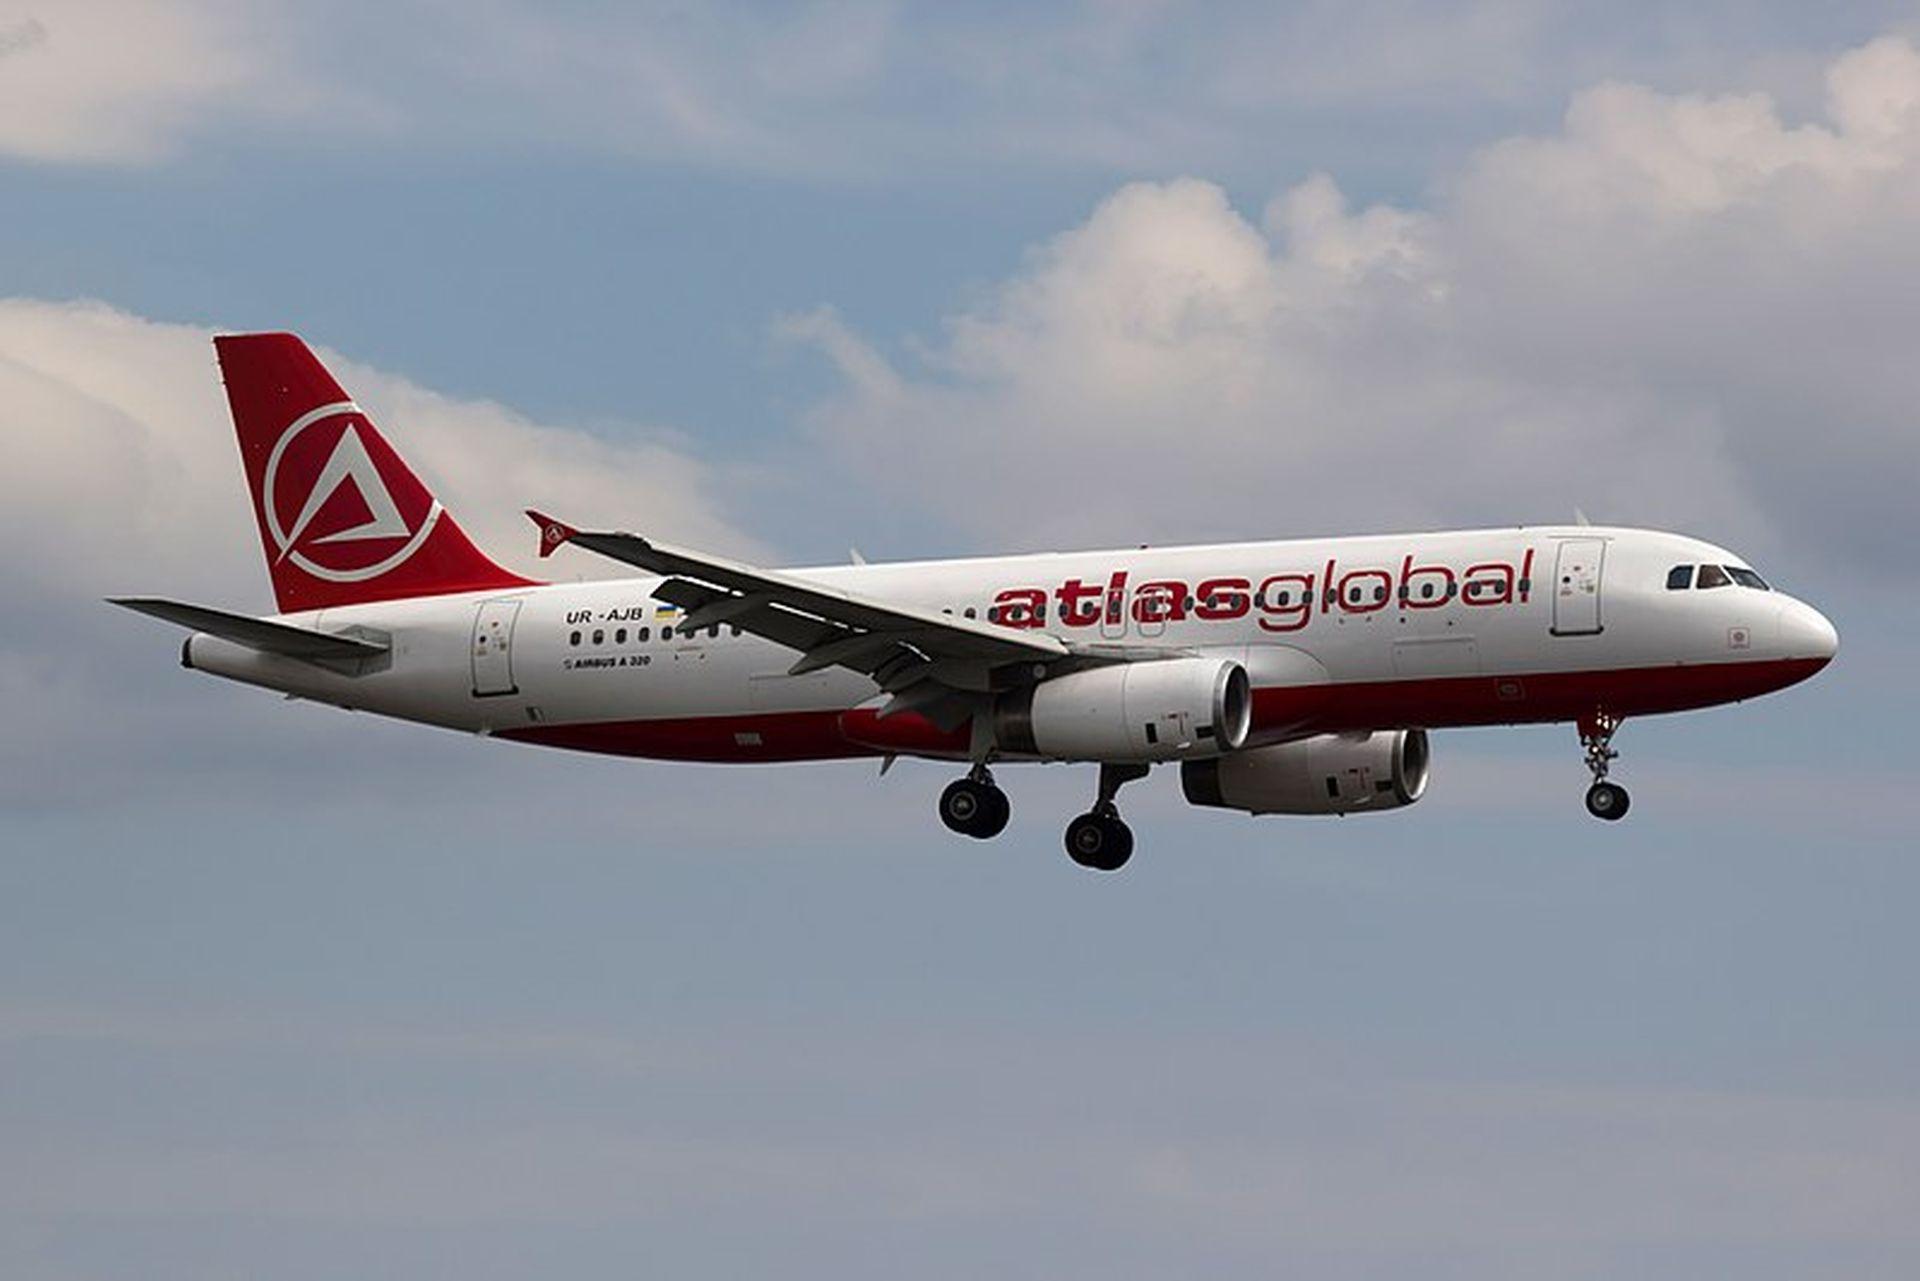 A320 společnosti Atlas Global. Foto: Bene Riobó [CC BY-SA 4.0 (https://creativecommons.org/licenses/by-sa/4.0)]